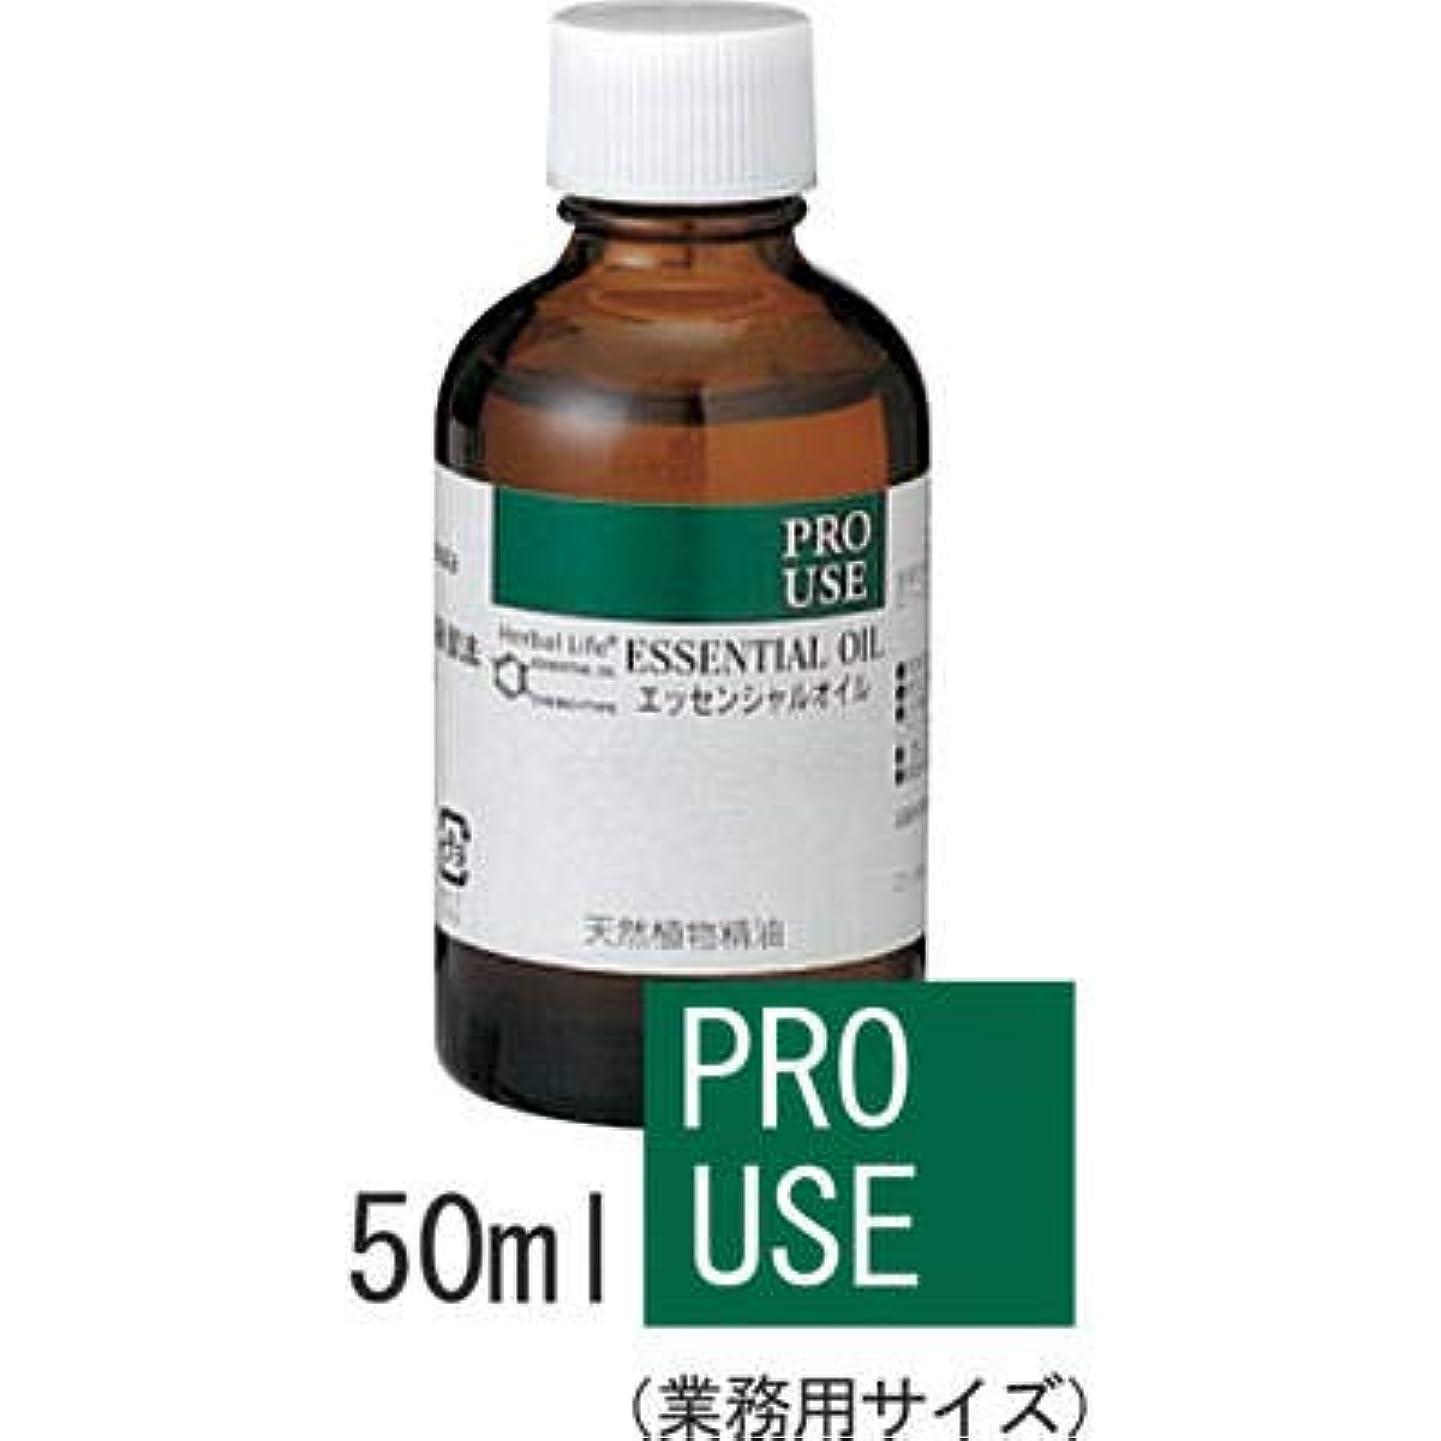 パース威するタクトエッセンシャルオイル(精油) フランキンセンス(乳香、オリバナム) 50ml 【生活の木】